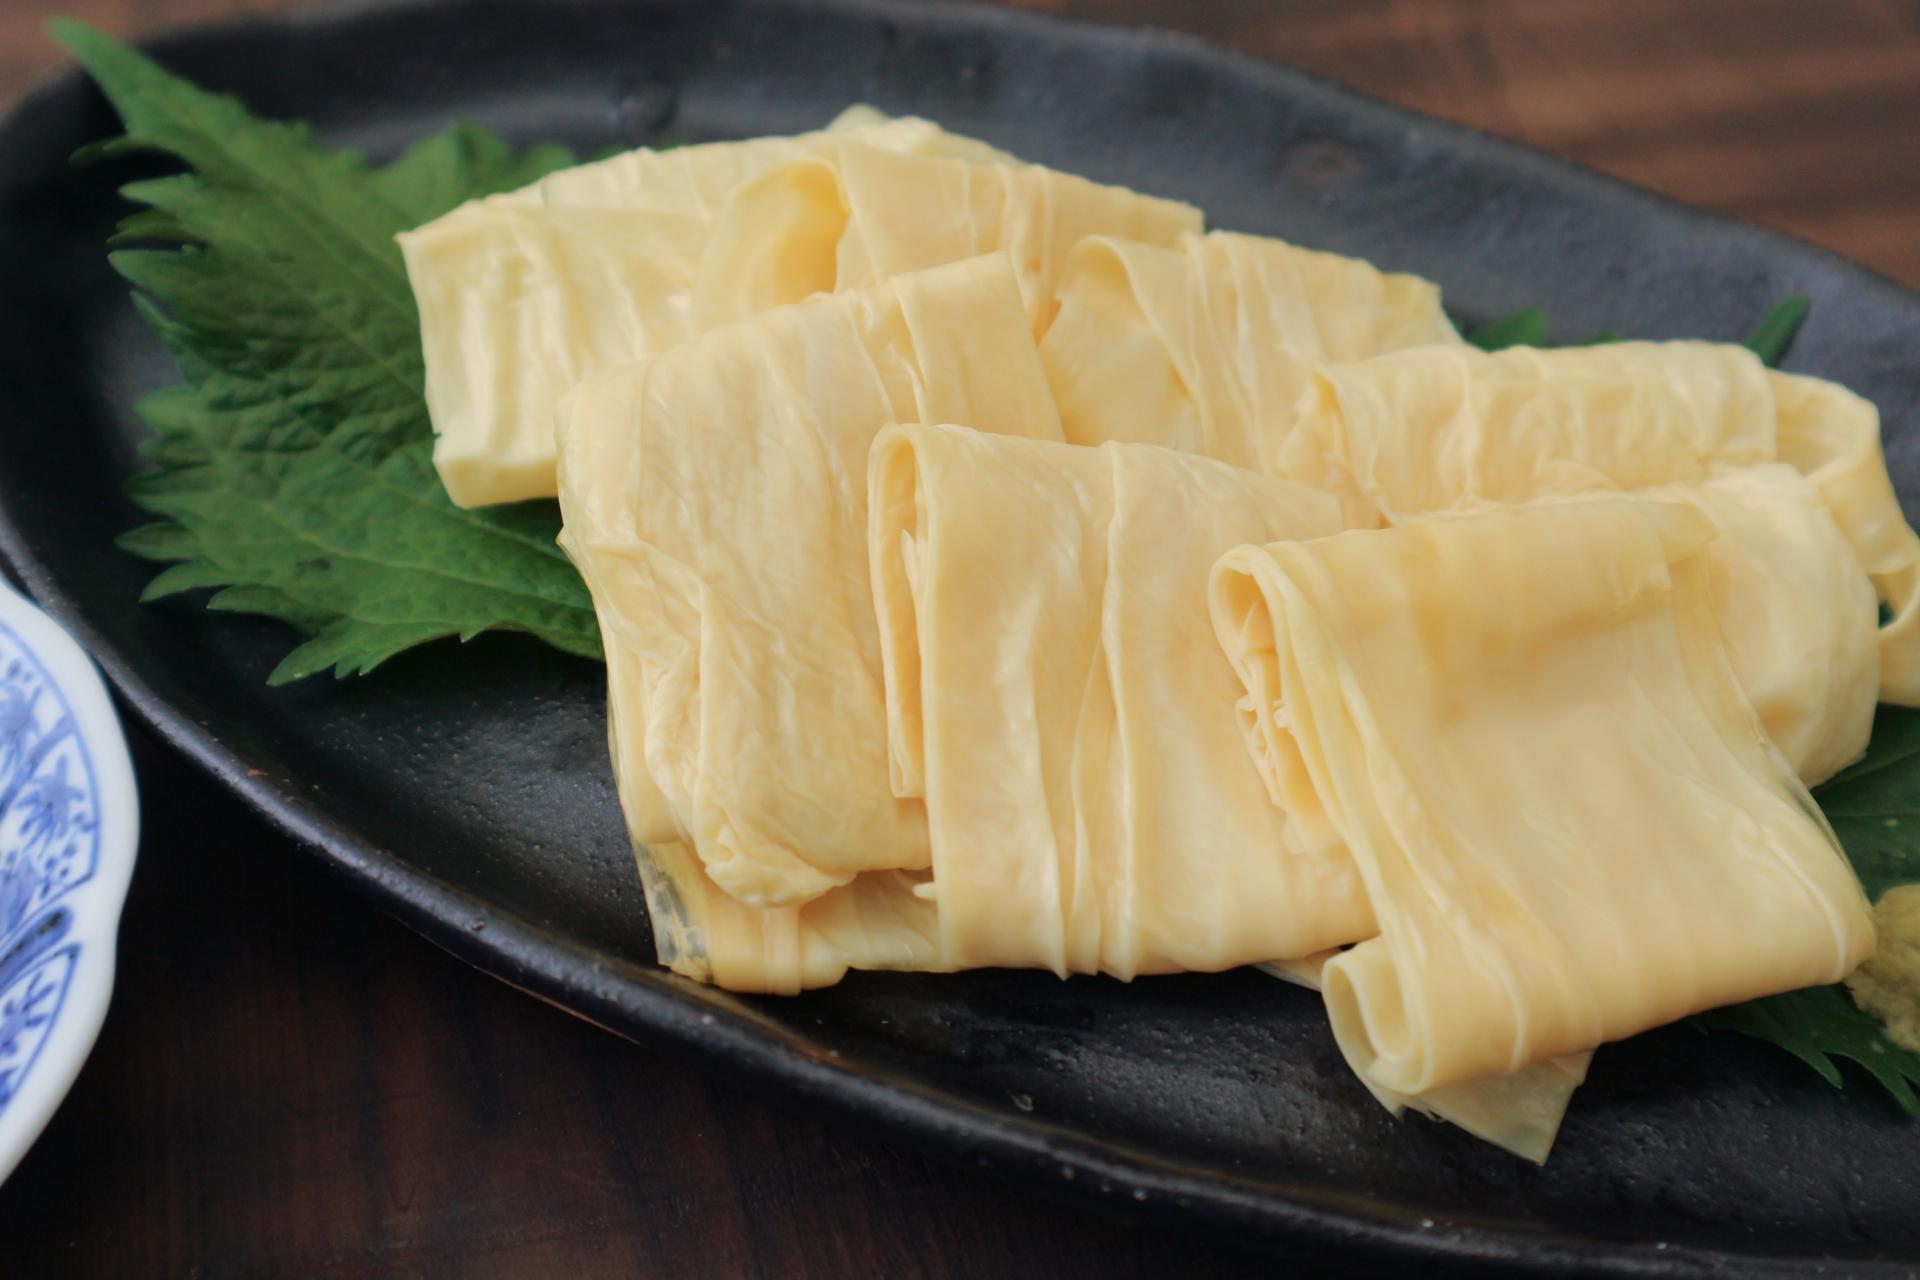 生湯葉はそのまま生で食べるのが正解?知っておきたい美味しい生湯葉の食べ方!